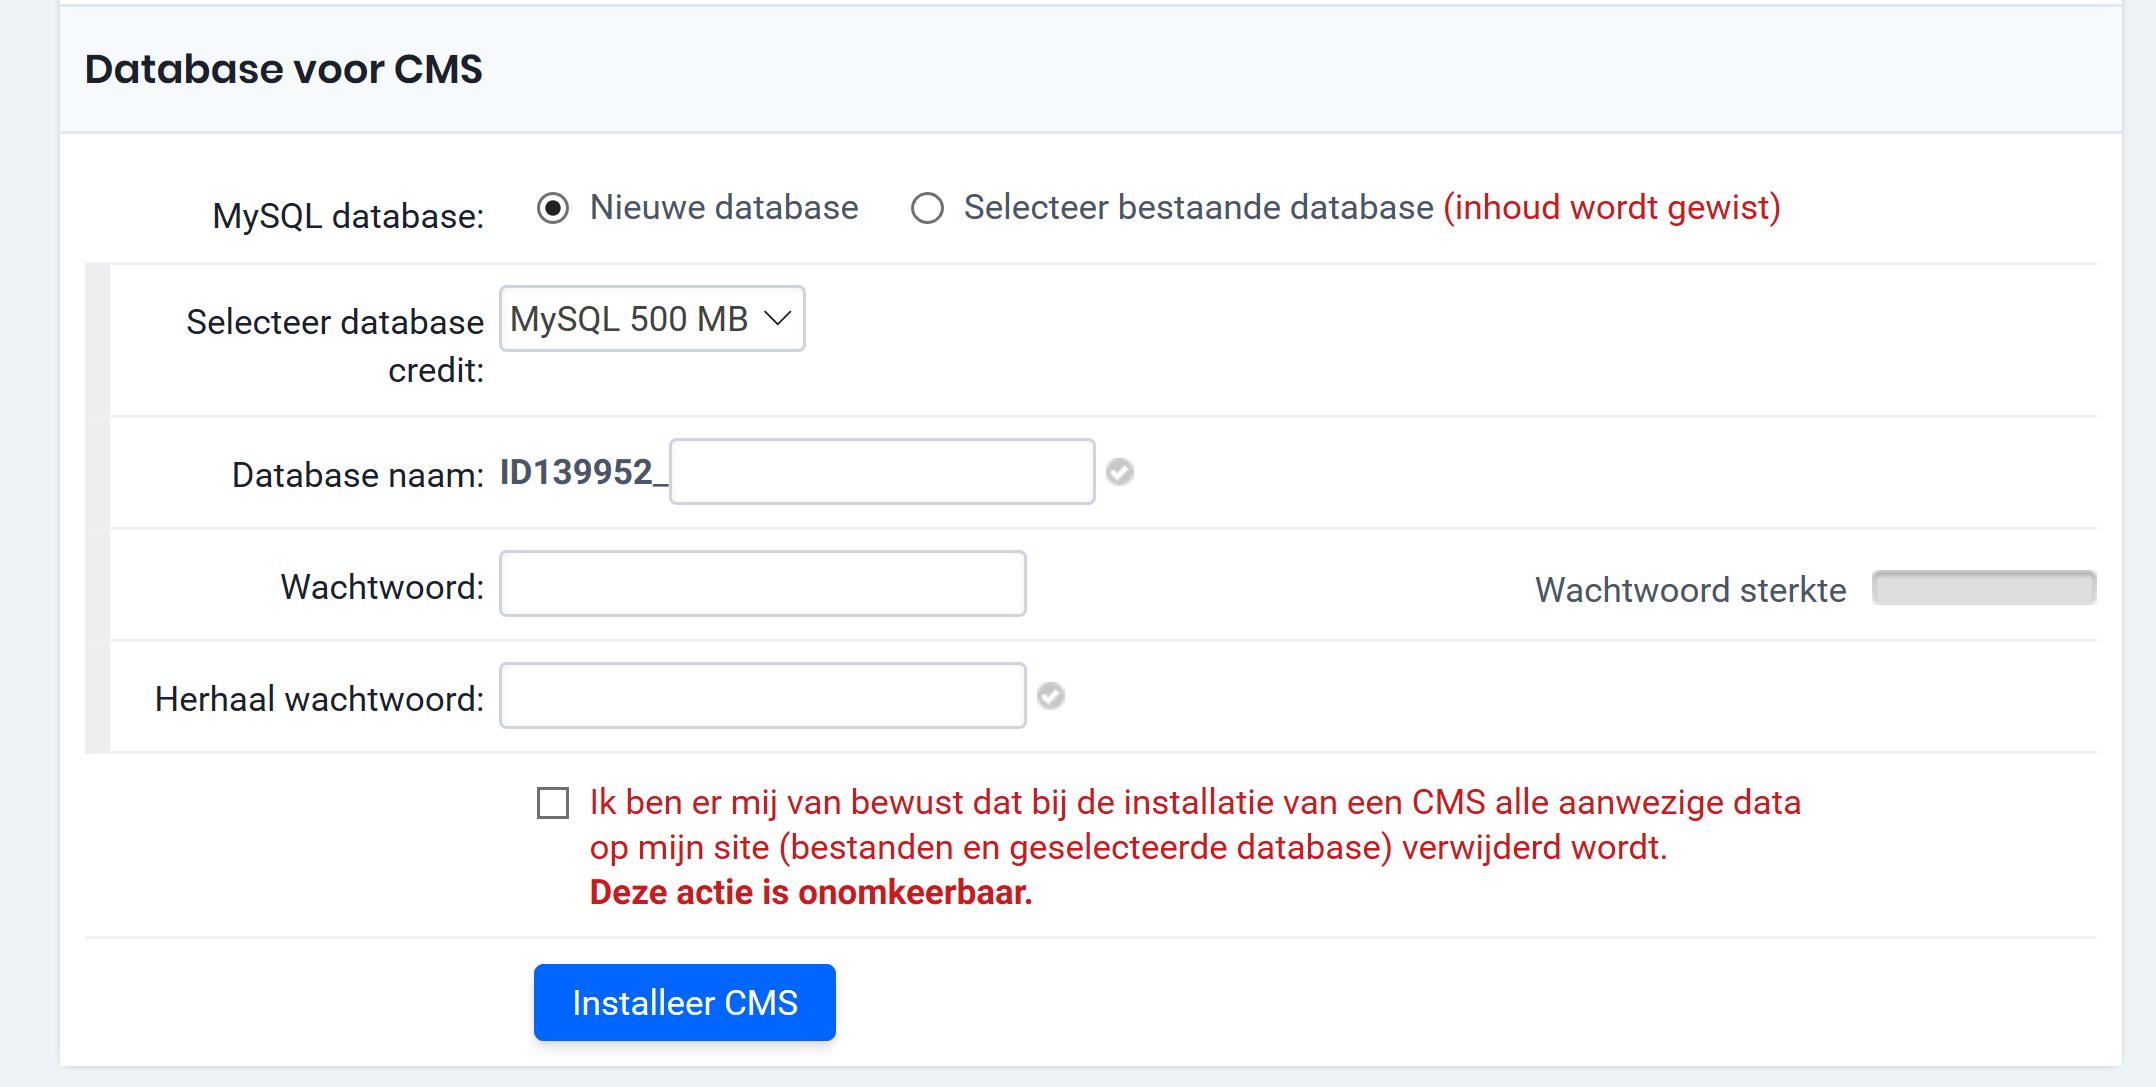 Database voor CMS